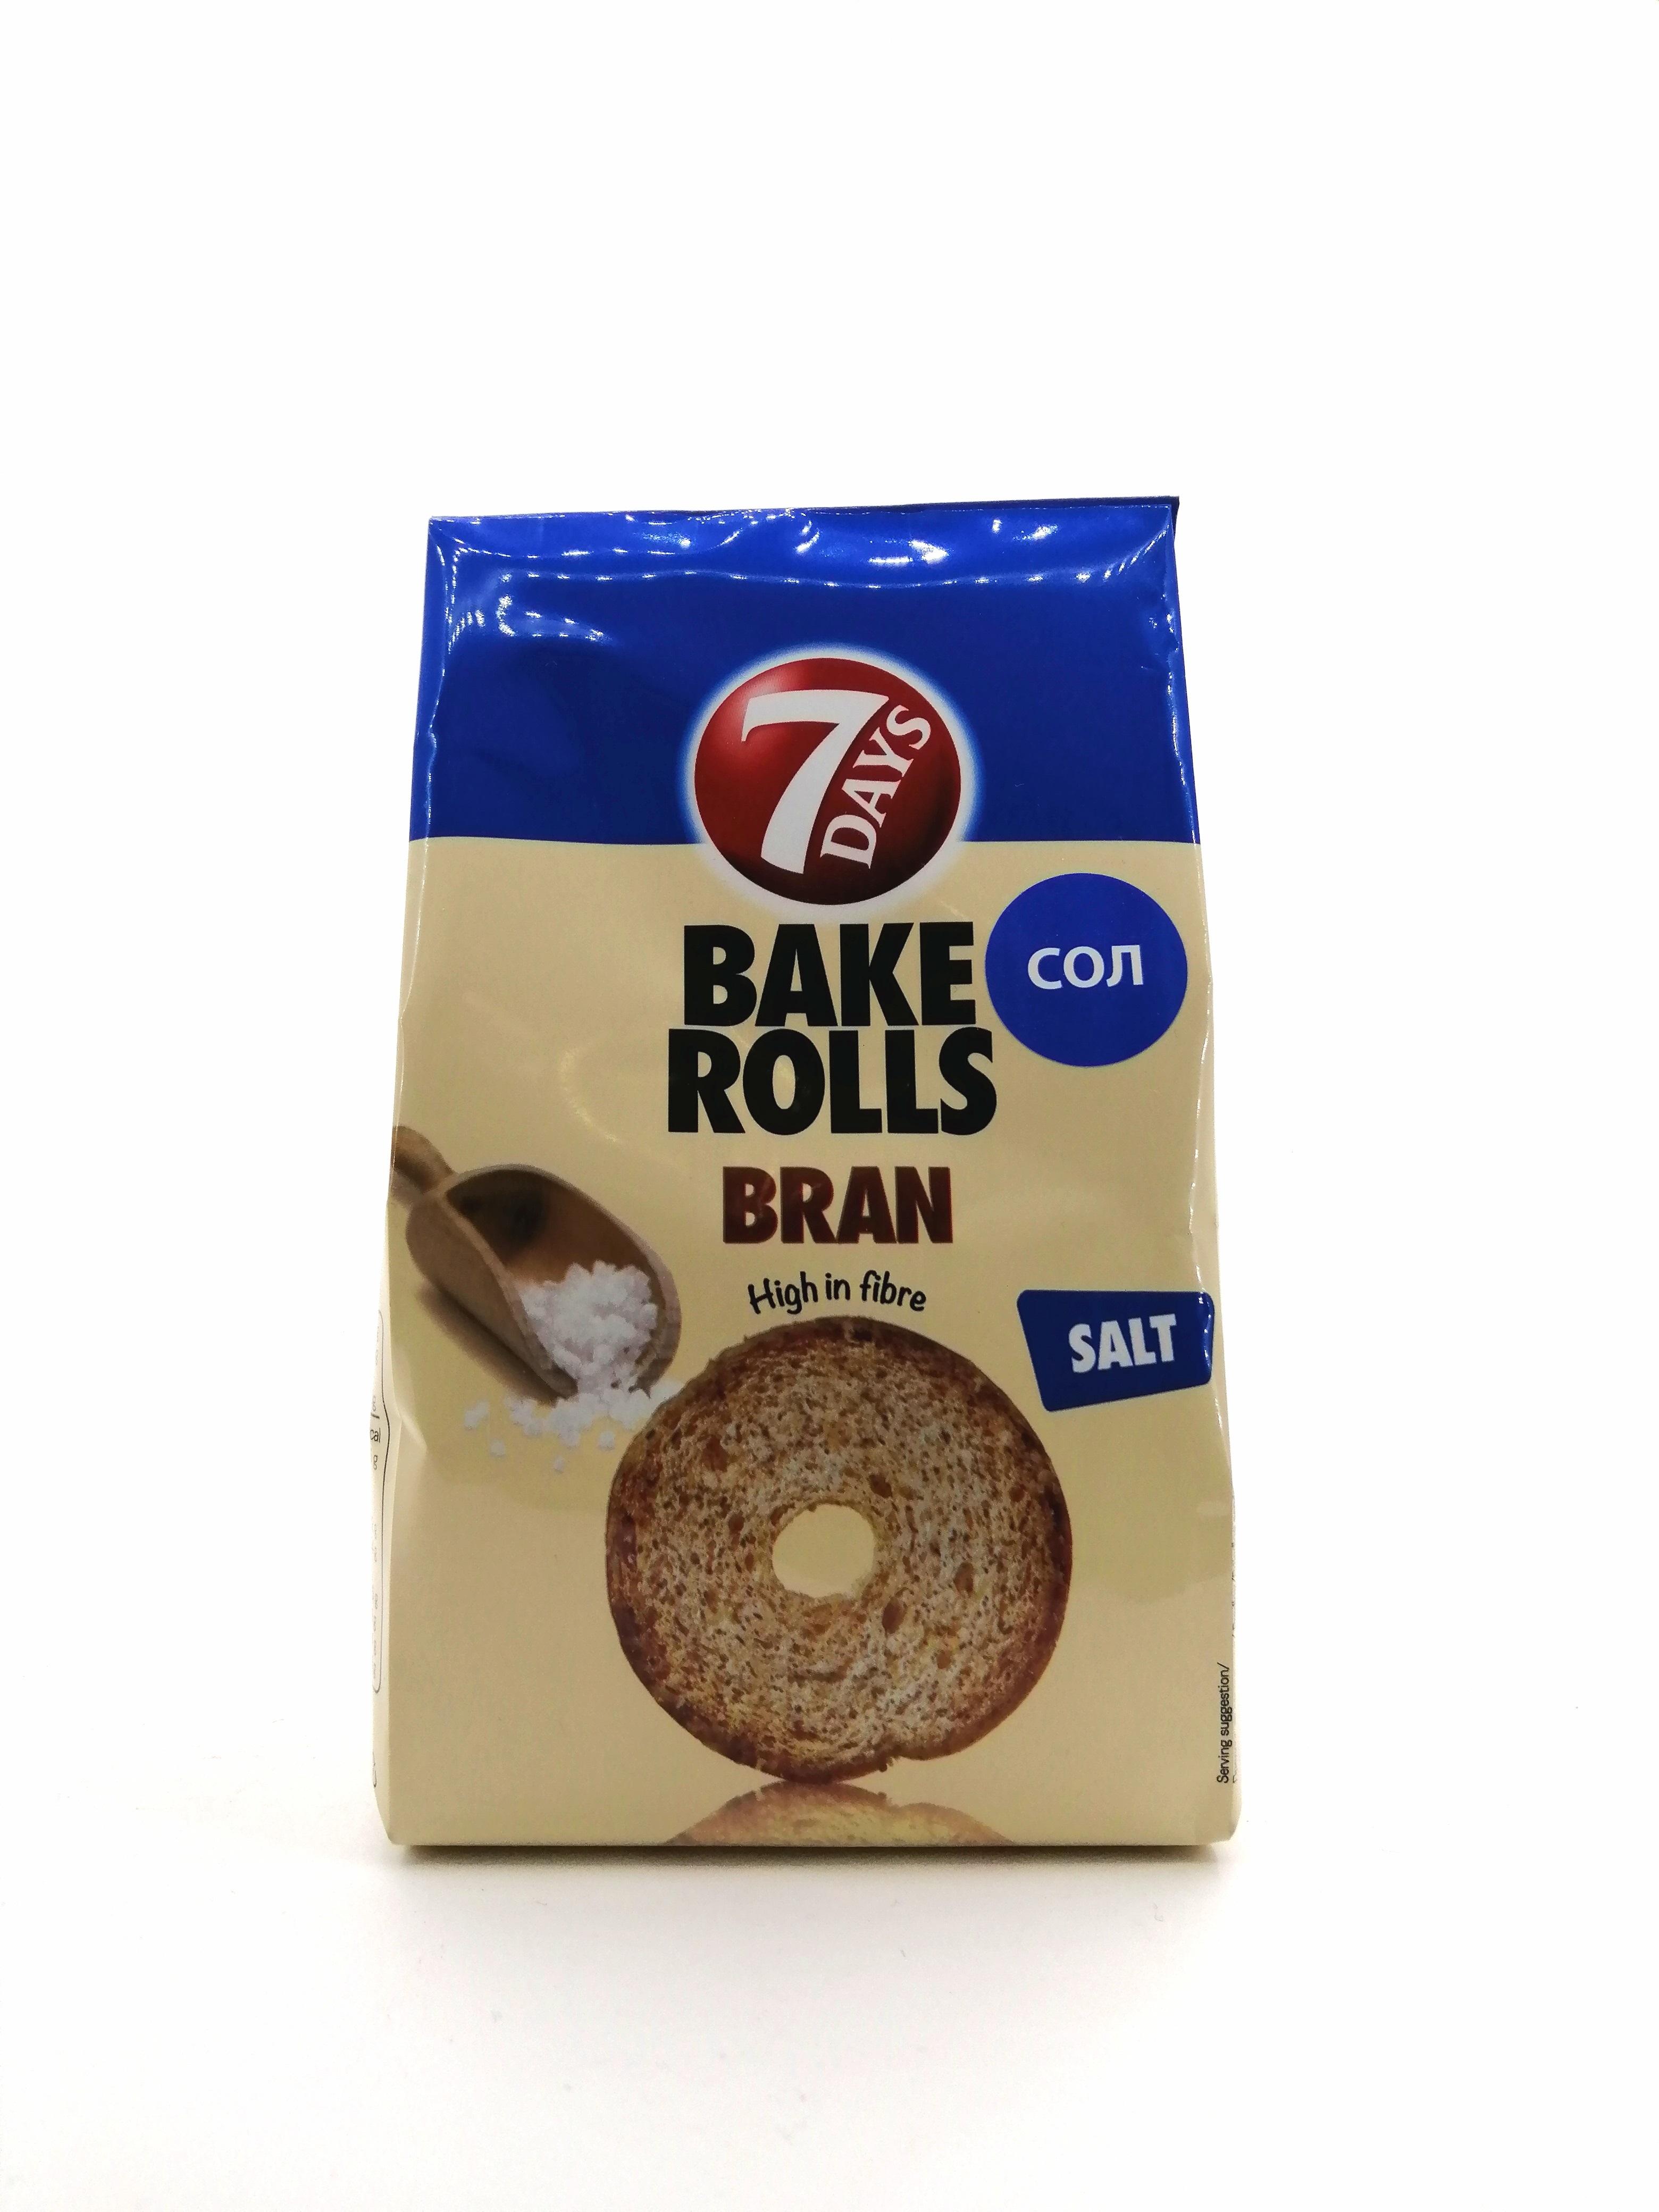 7D BAKE ROLLS BRAN SALT 80GR